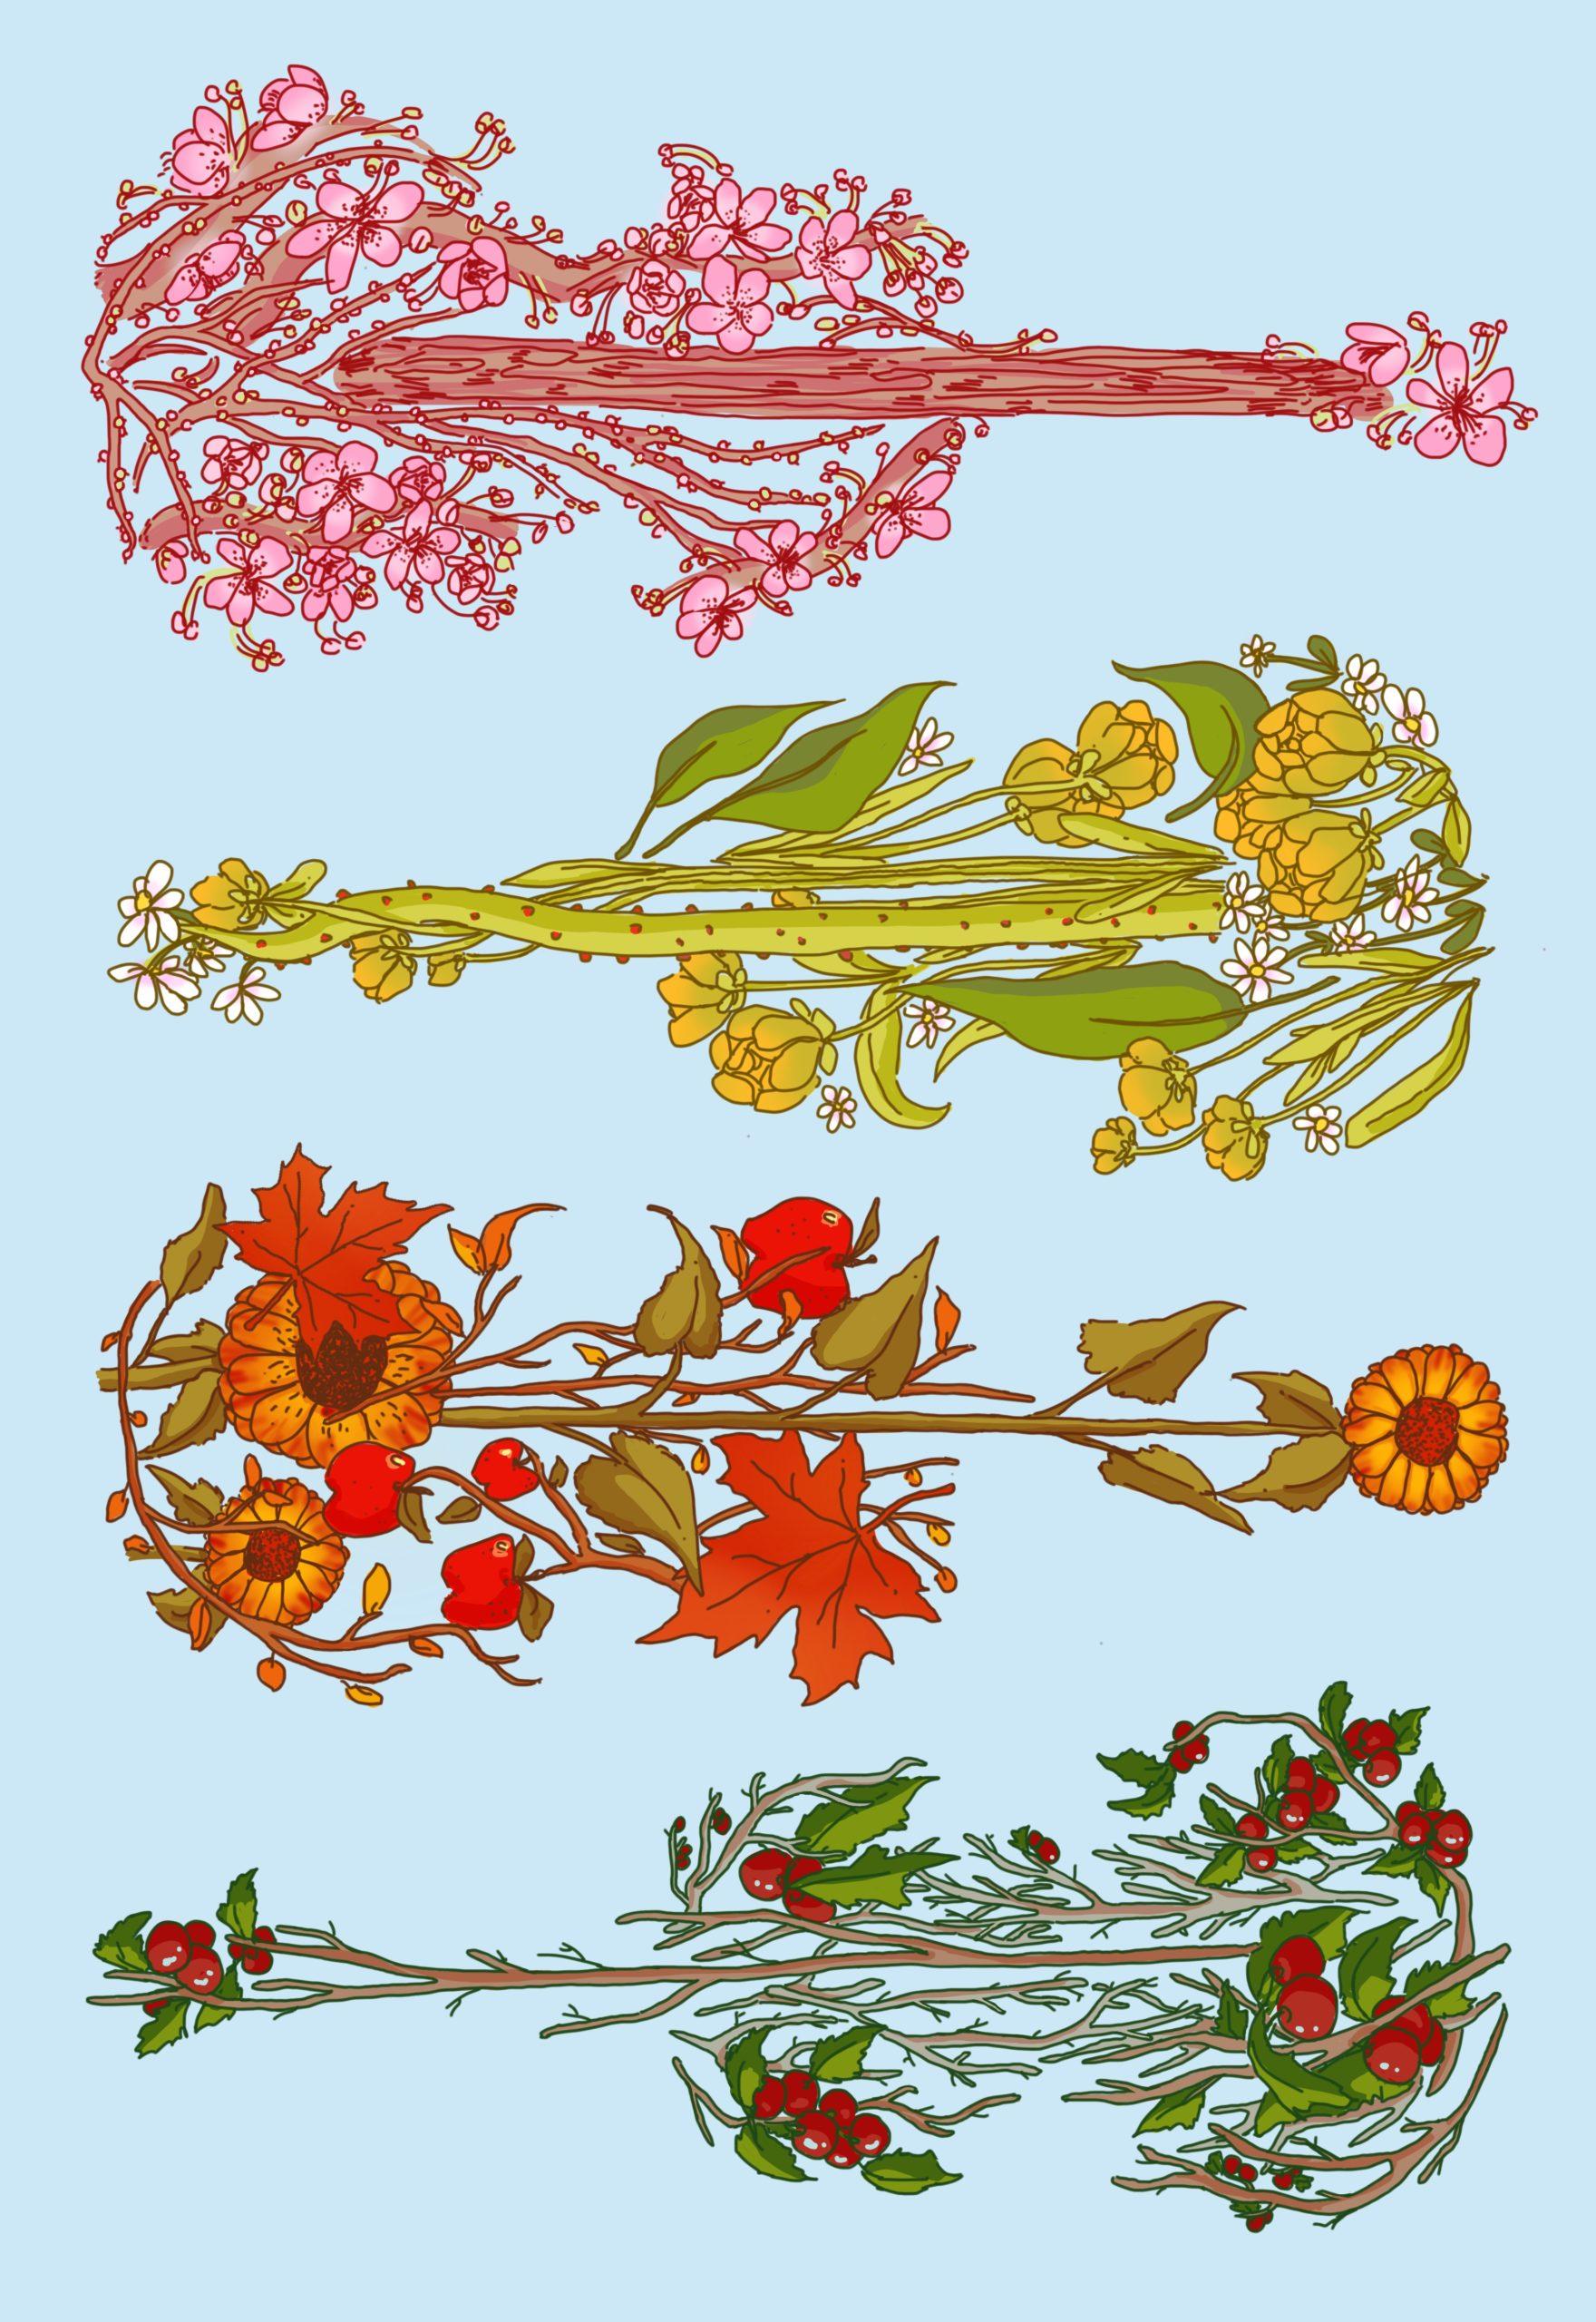 Vivaldi Four Seasons student artwork from MassArt, Dakot Gillies